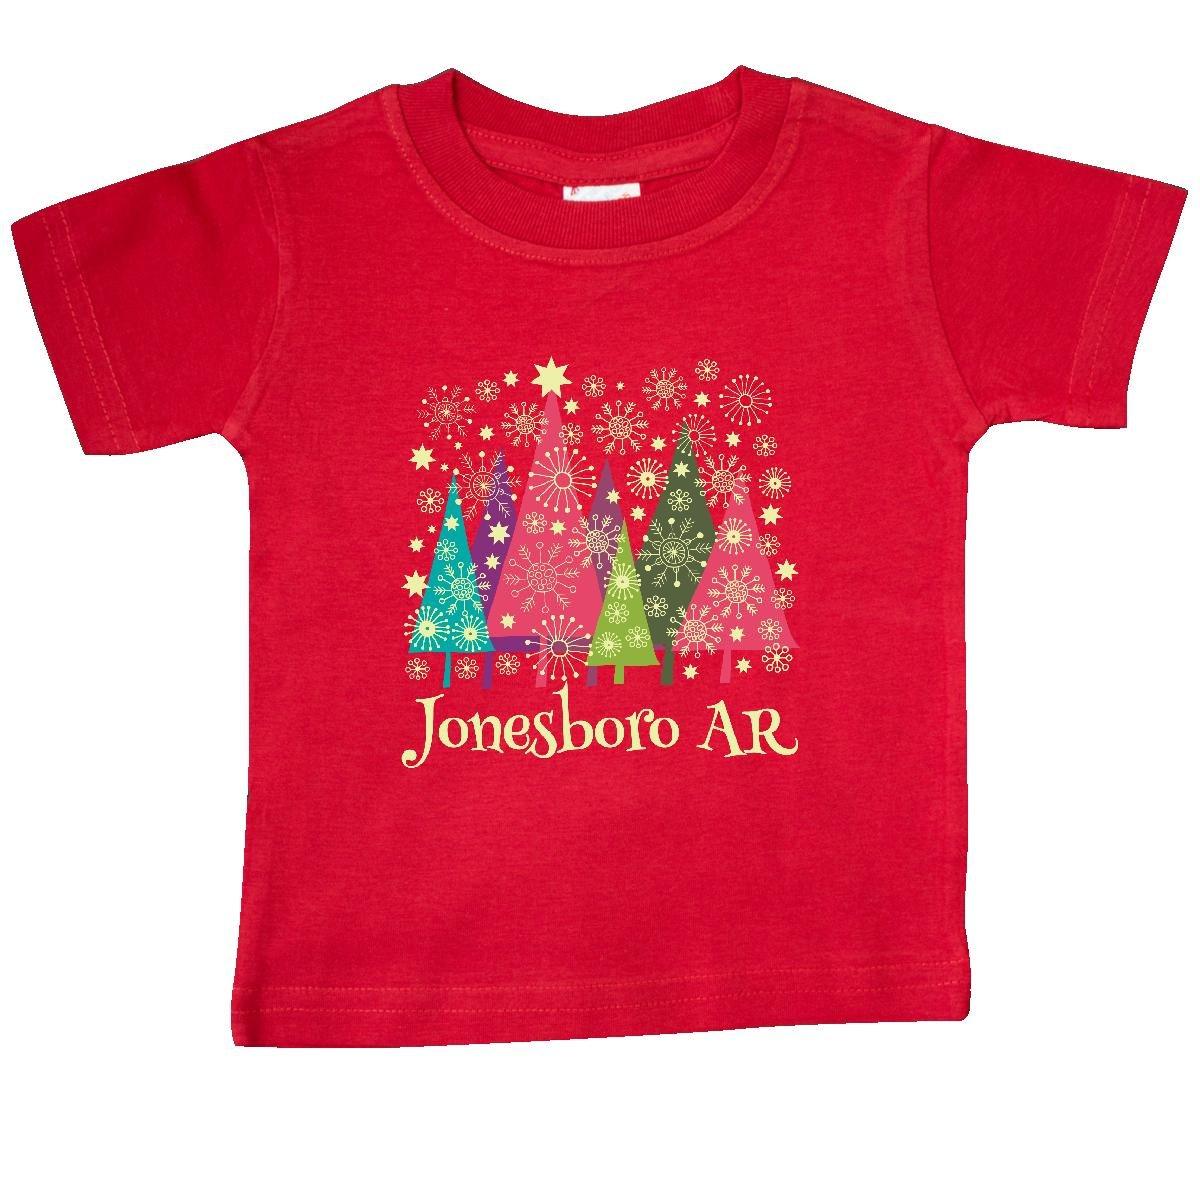 T shirt design jonesboro ar - Amazon Com Inktastic Baby Girls Jonesboro Arkansas Christmas Baby T Shirt Clothing